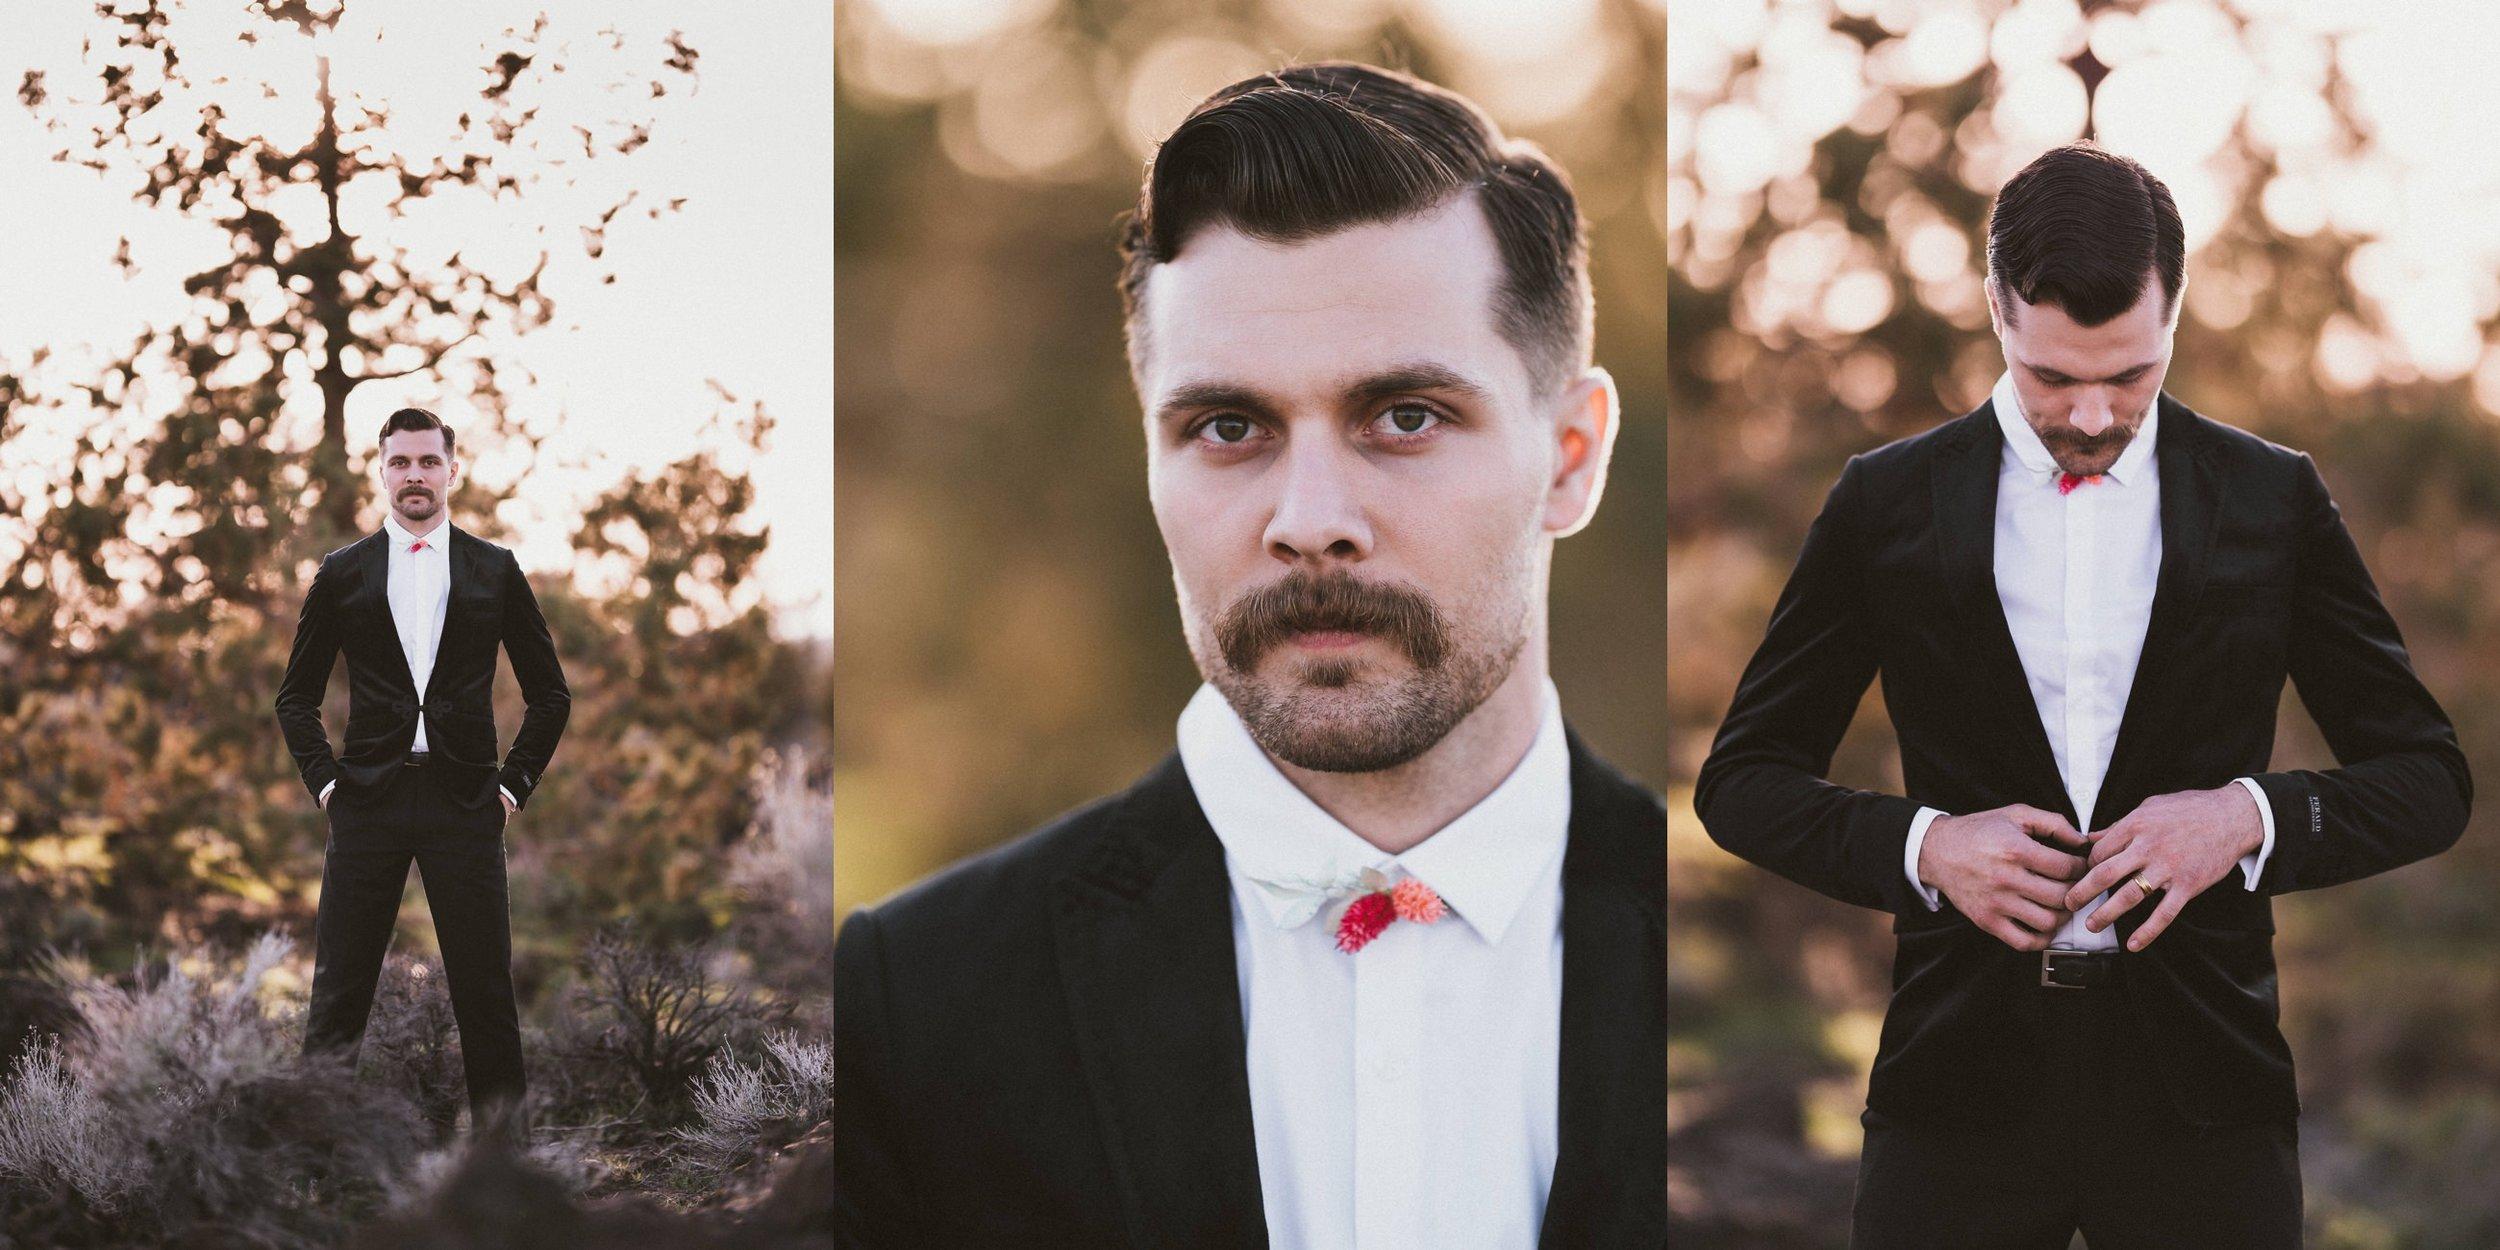 TONY-GAMBINO-PHOTOGRAPHY-BEND-OREGON-WEDDING-SHOOT_1482 Groom Suit.jpg